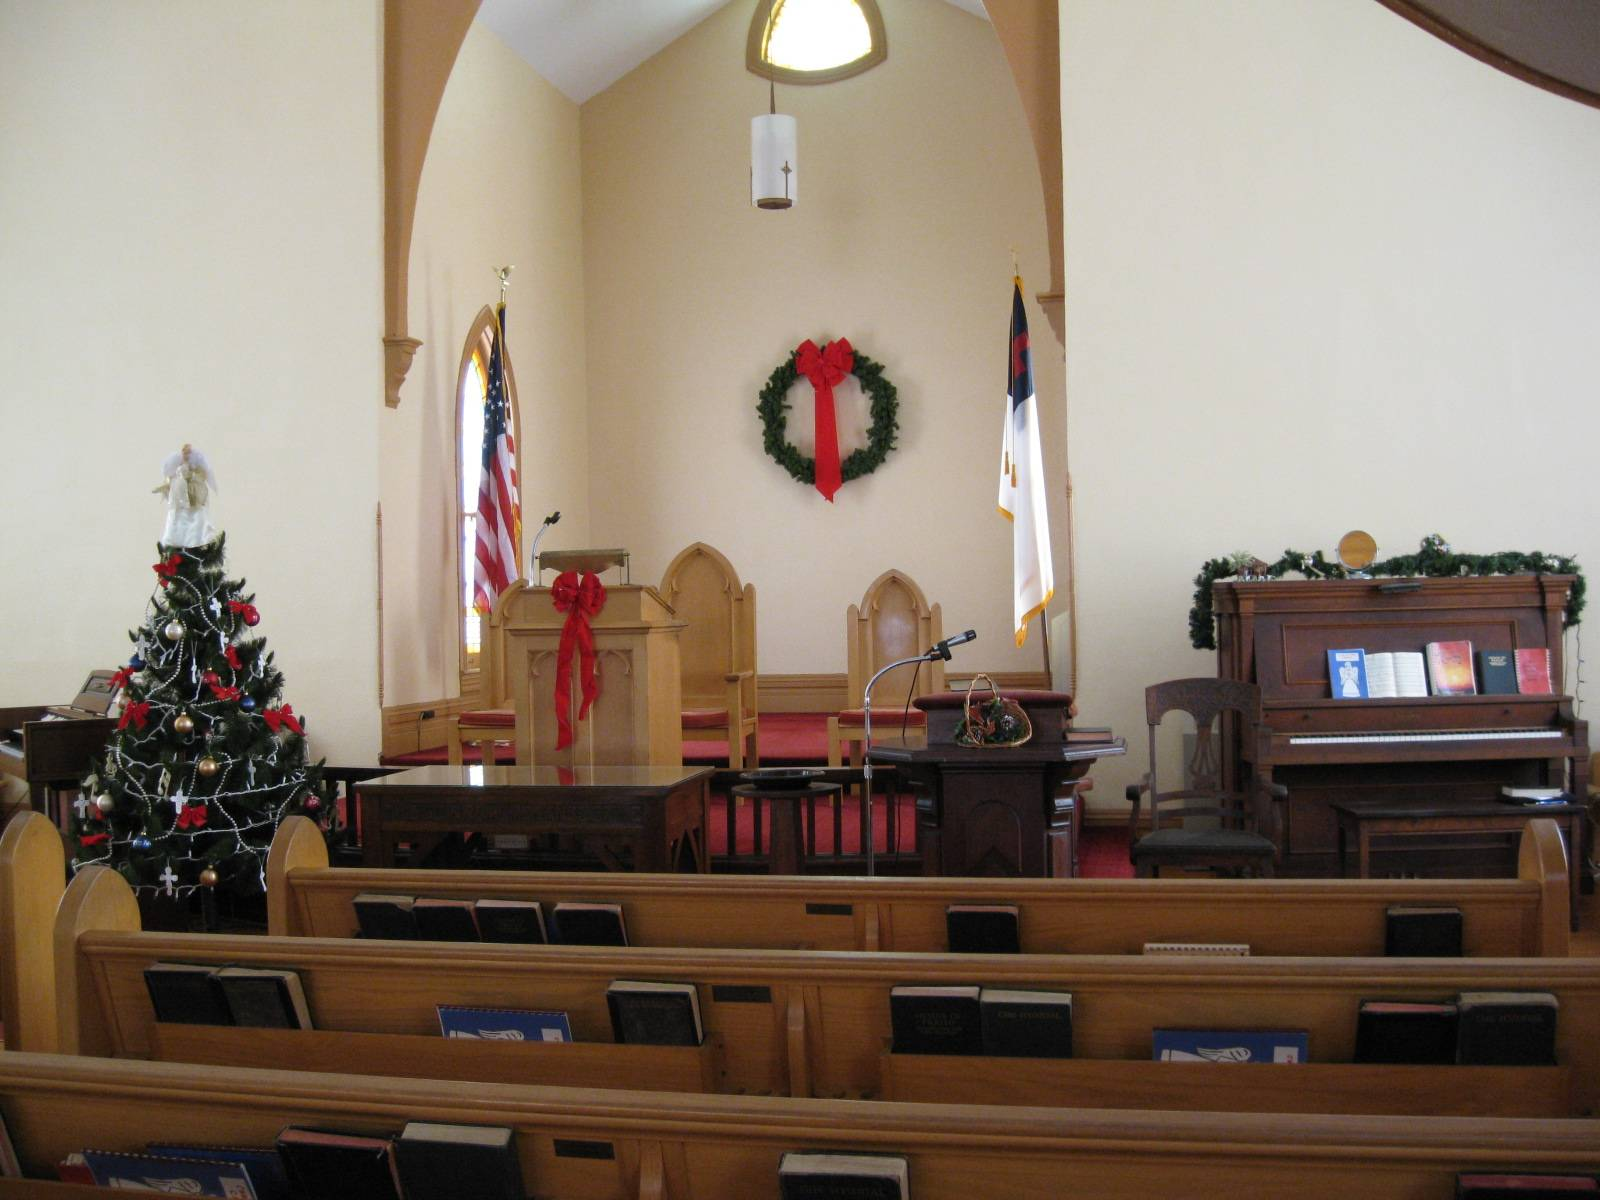 Christmas Sanctuary 2010 Decorations